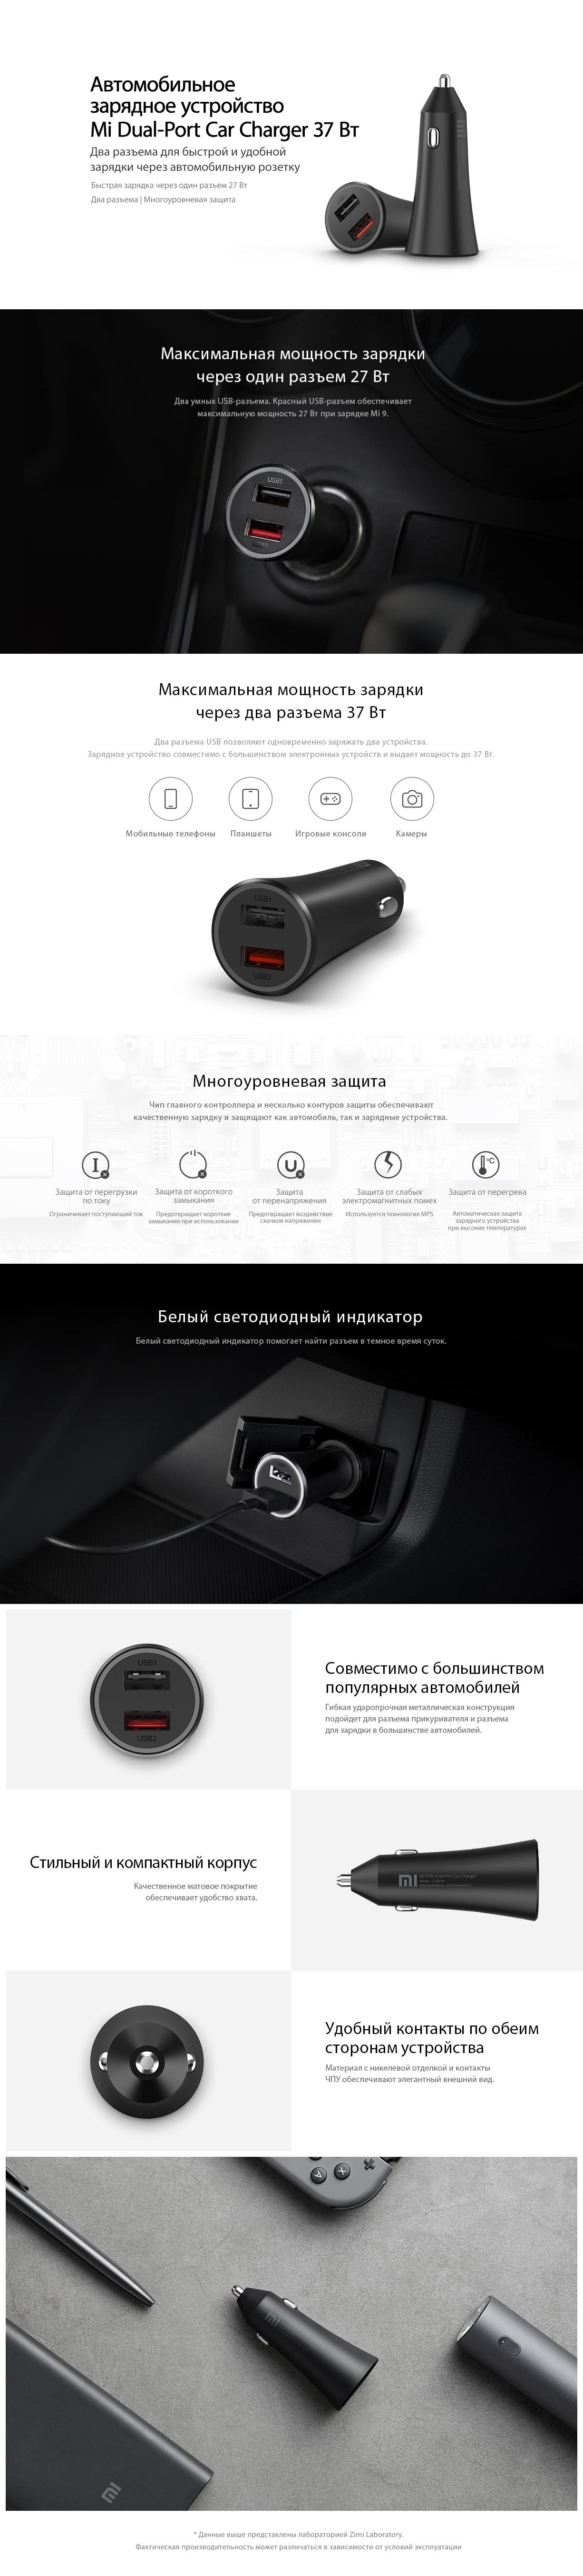 Автомобильное зарядное устройство Xiaomi Mi Dual-Port Car Charger  37W RU EAC